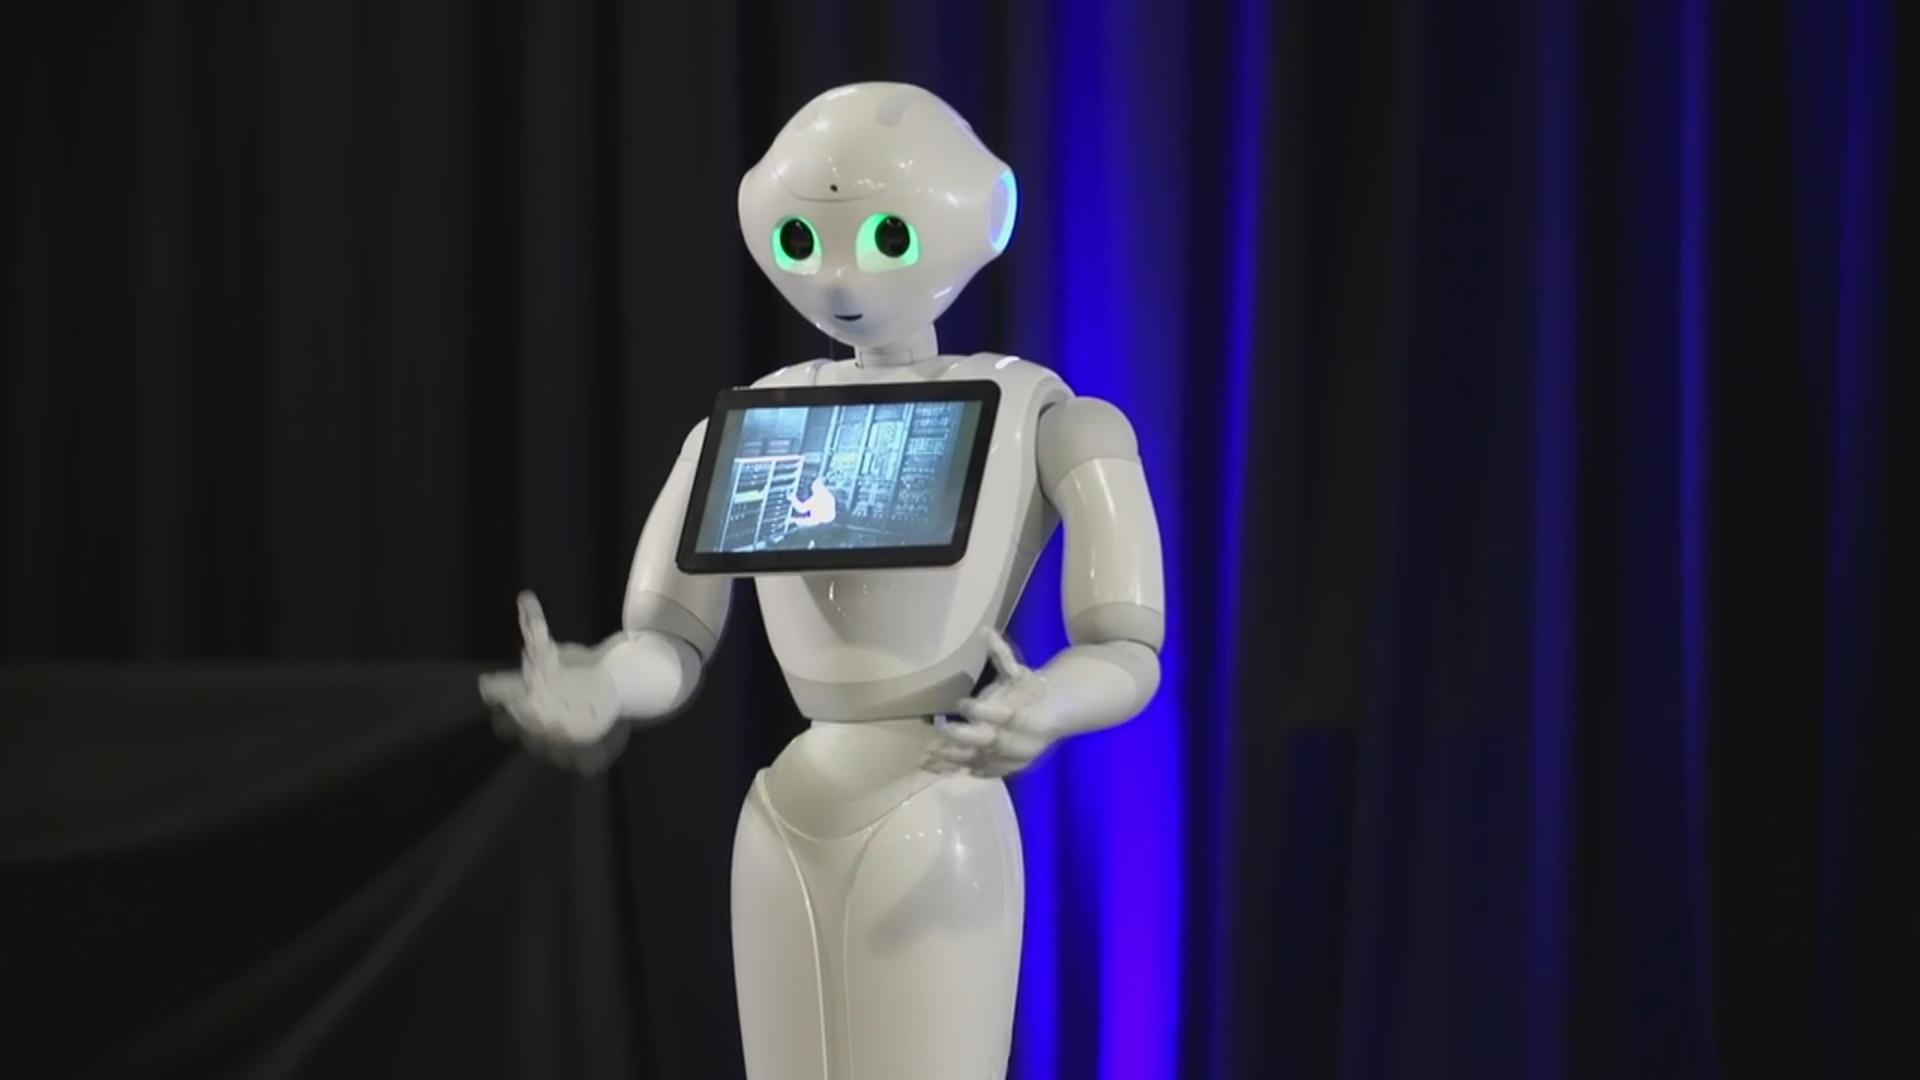 İsveçdə turoperator şirkəti robotu işə götürüb